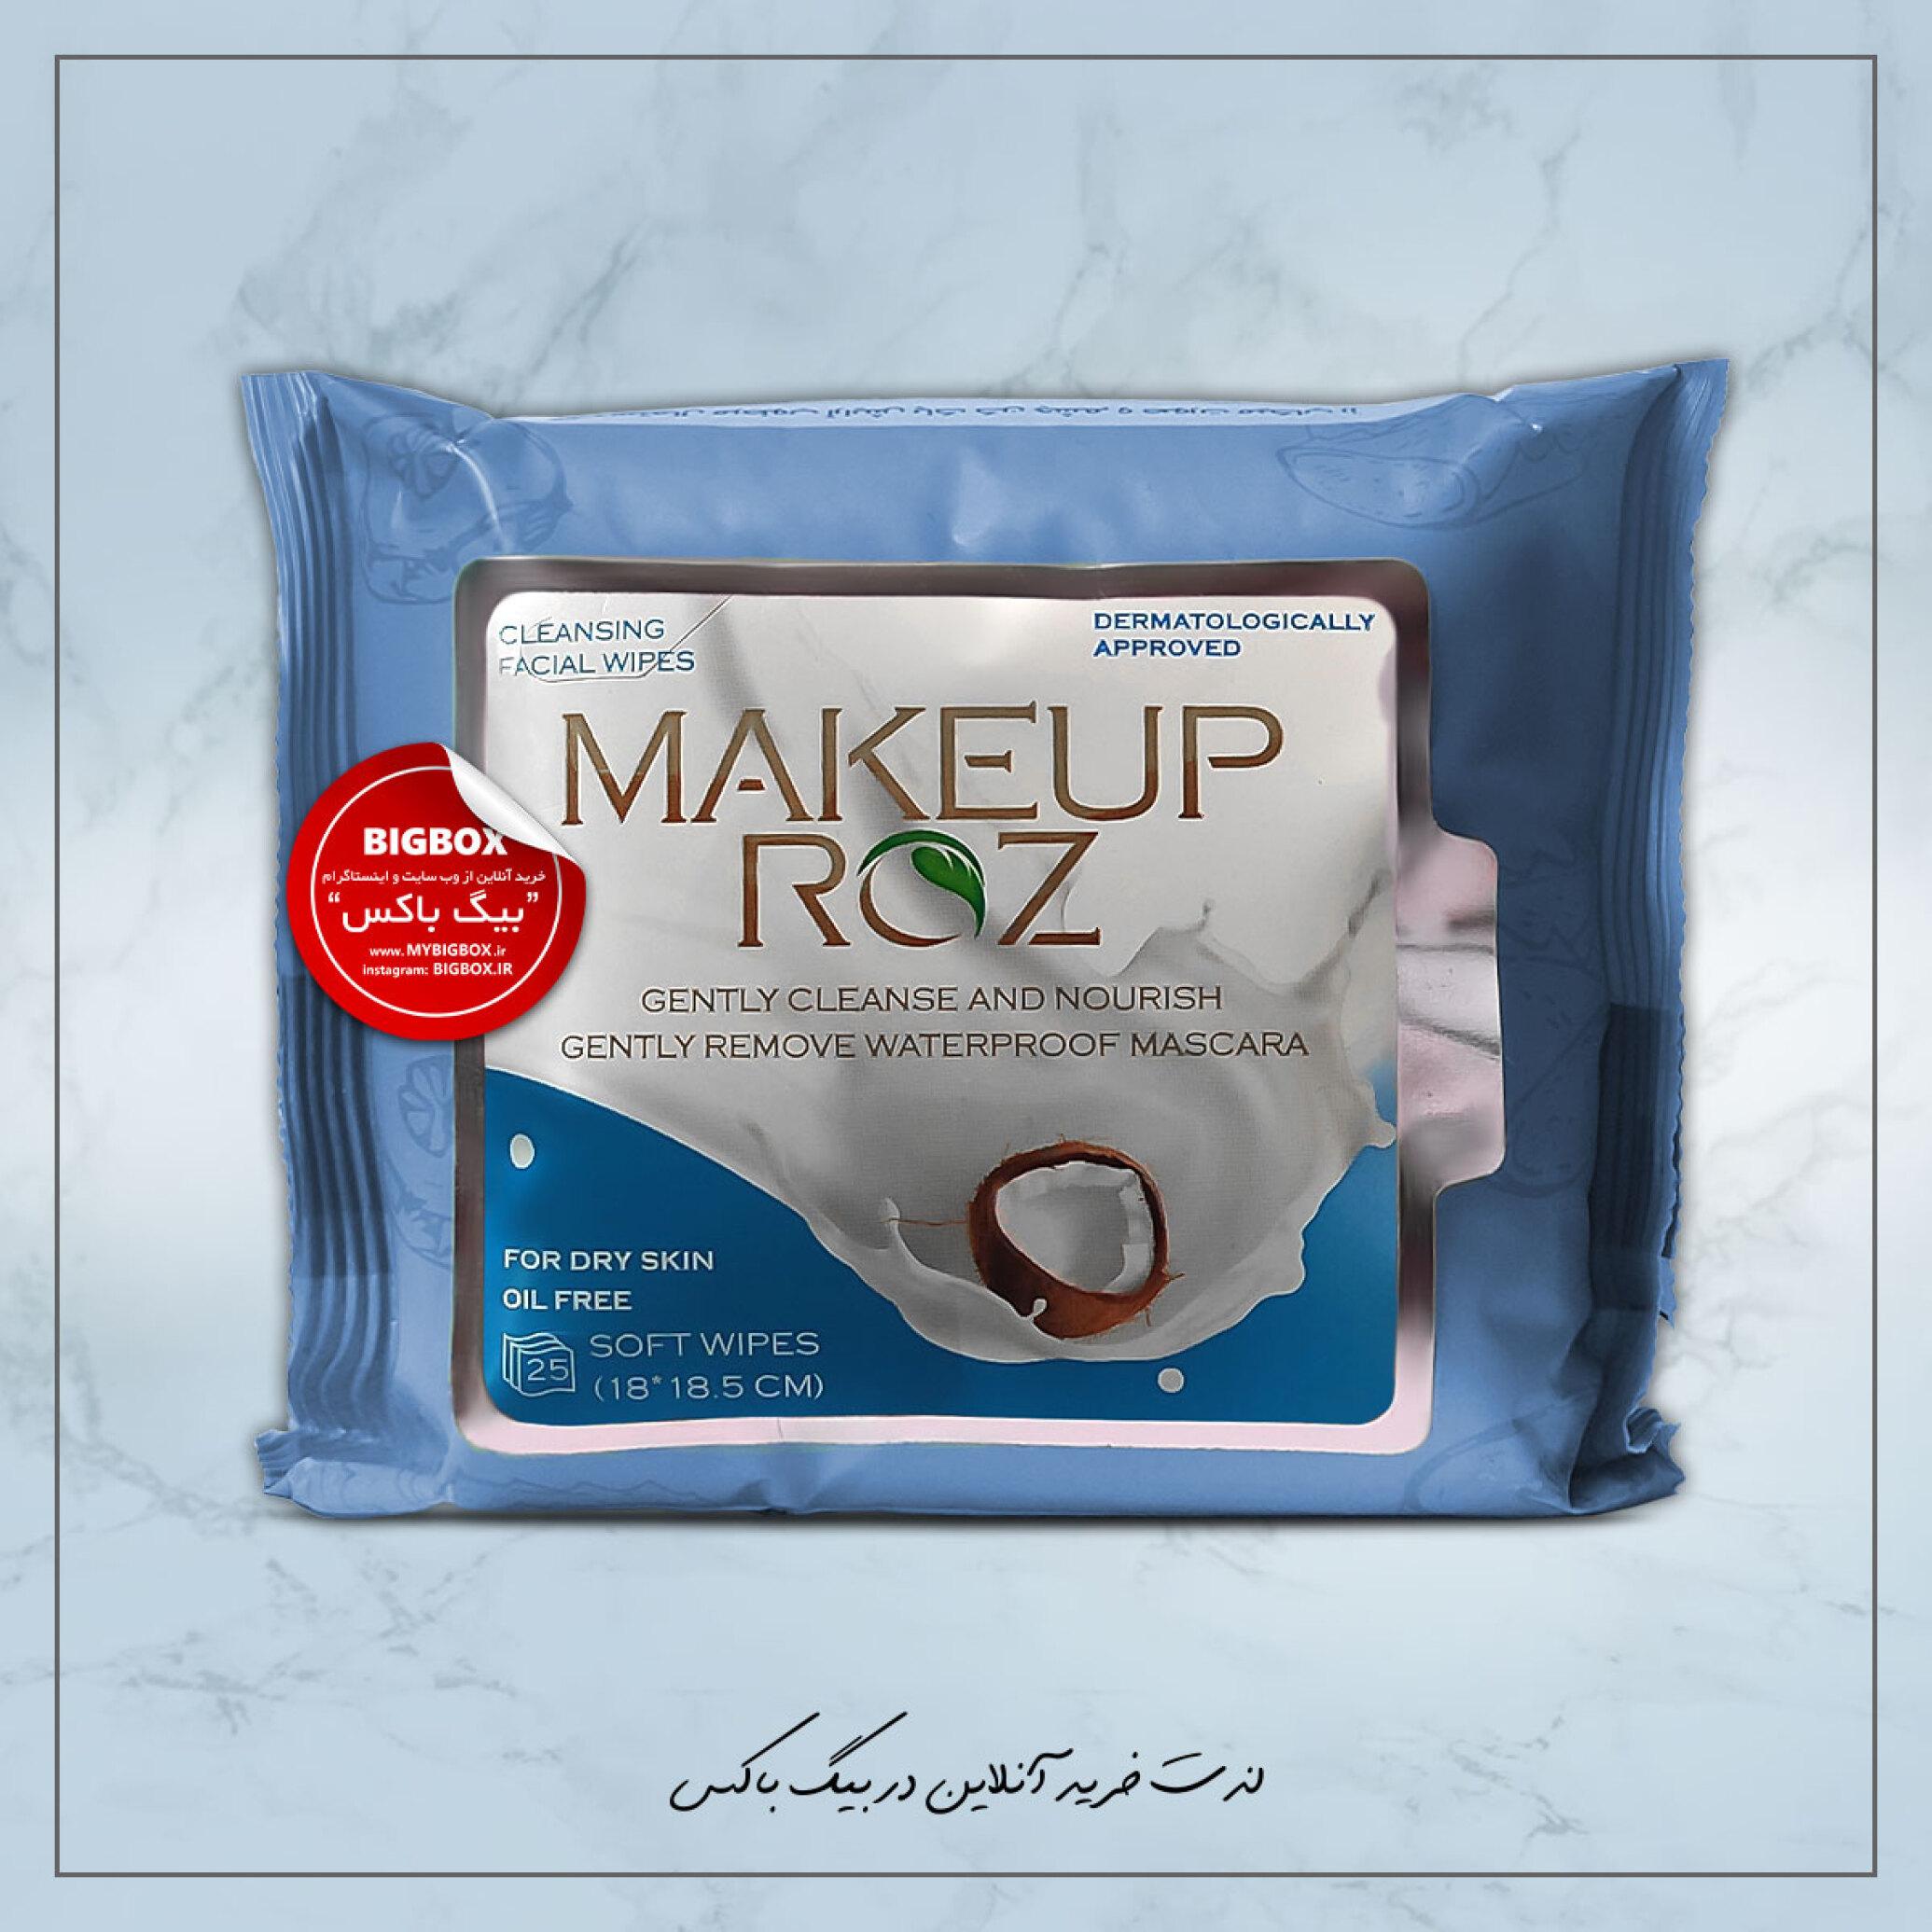 دستمال مرطوب آرایش پاک کن میکاپ رز مدل نارگیل